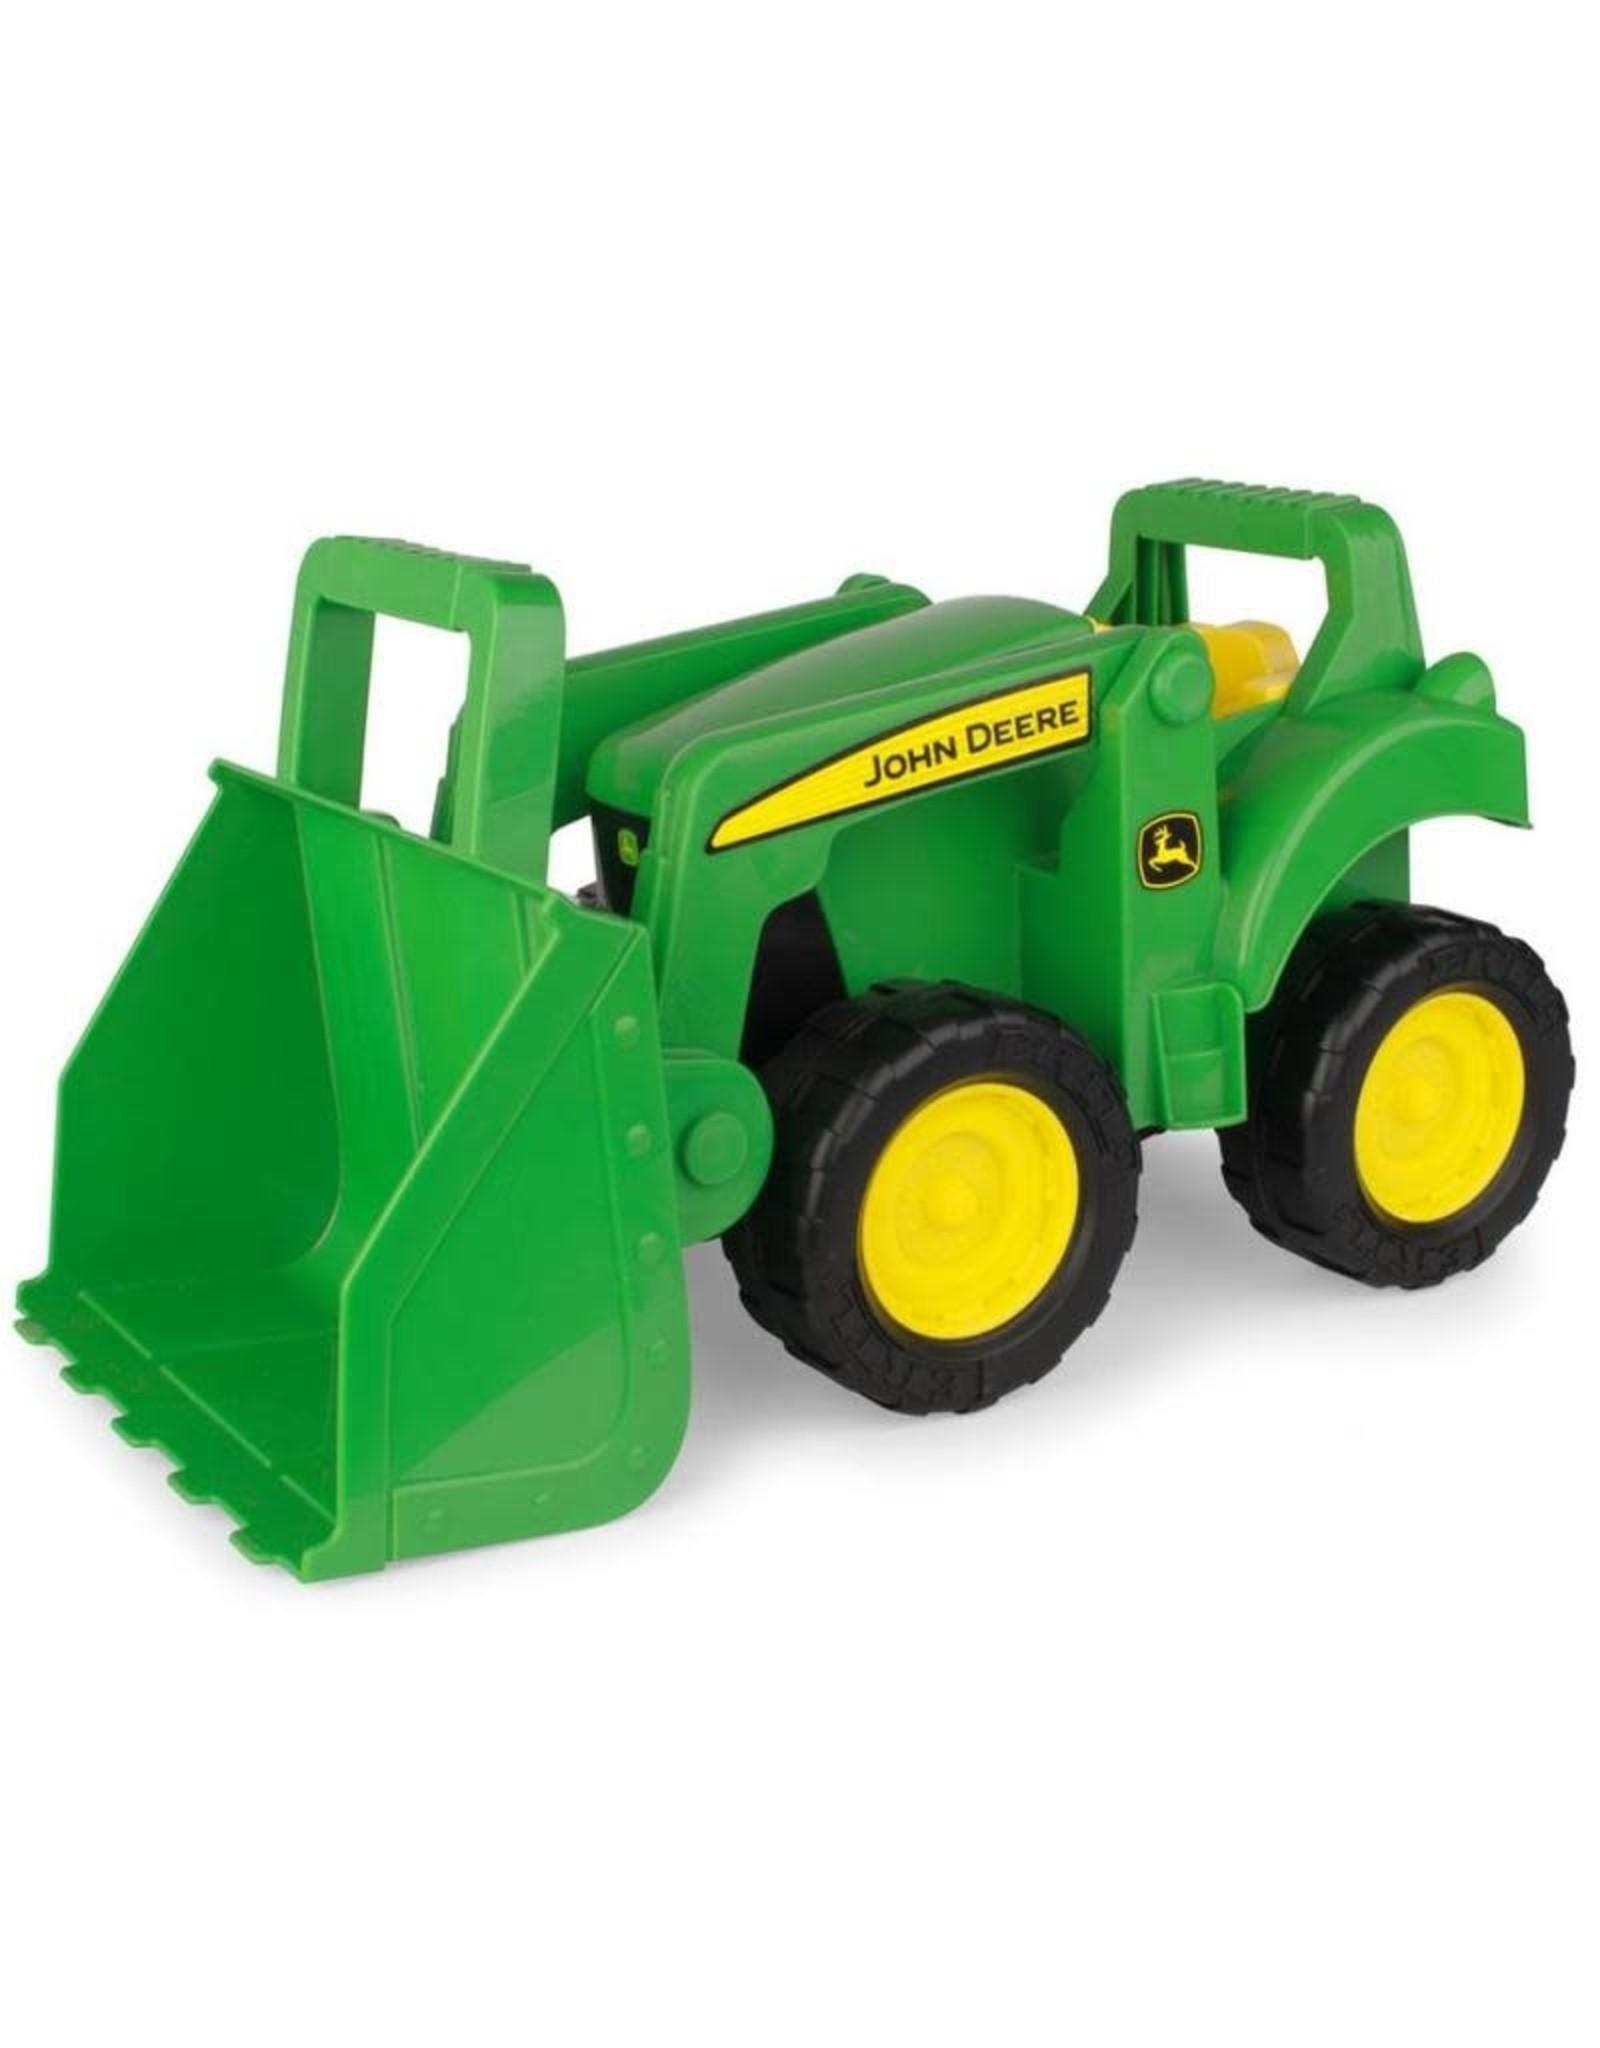 TOMY John Deere 15 Inch Big Scoop Tractor With Loader